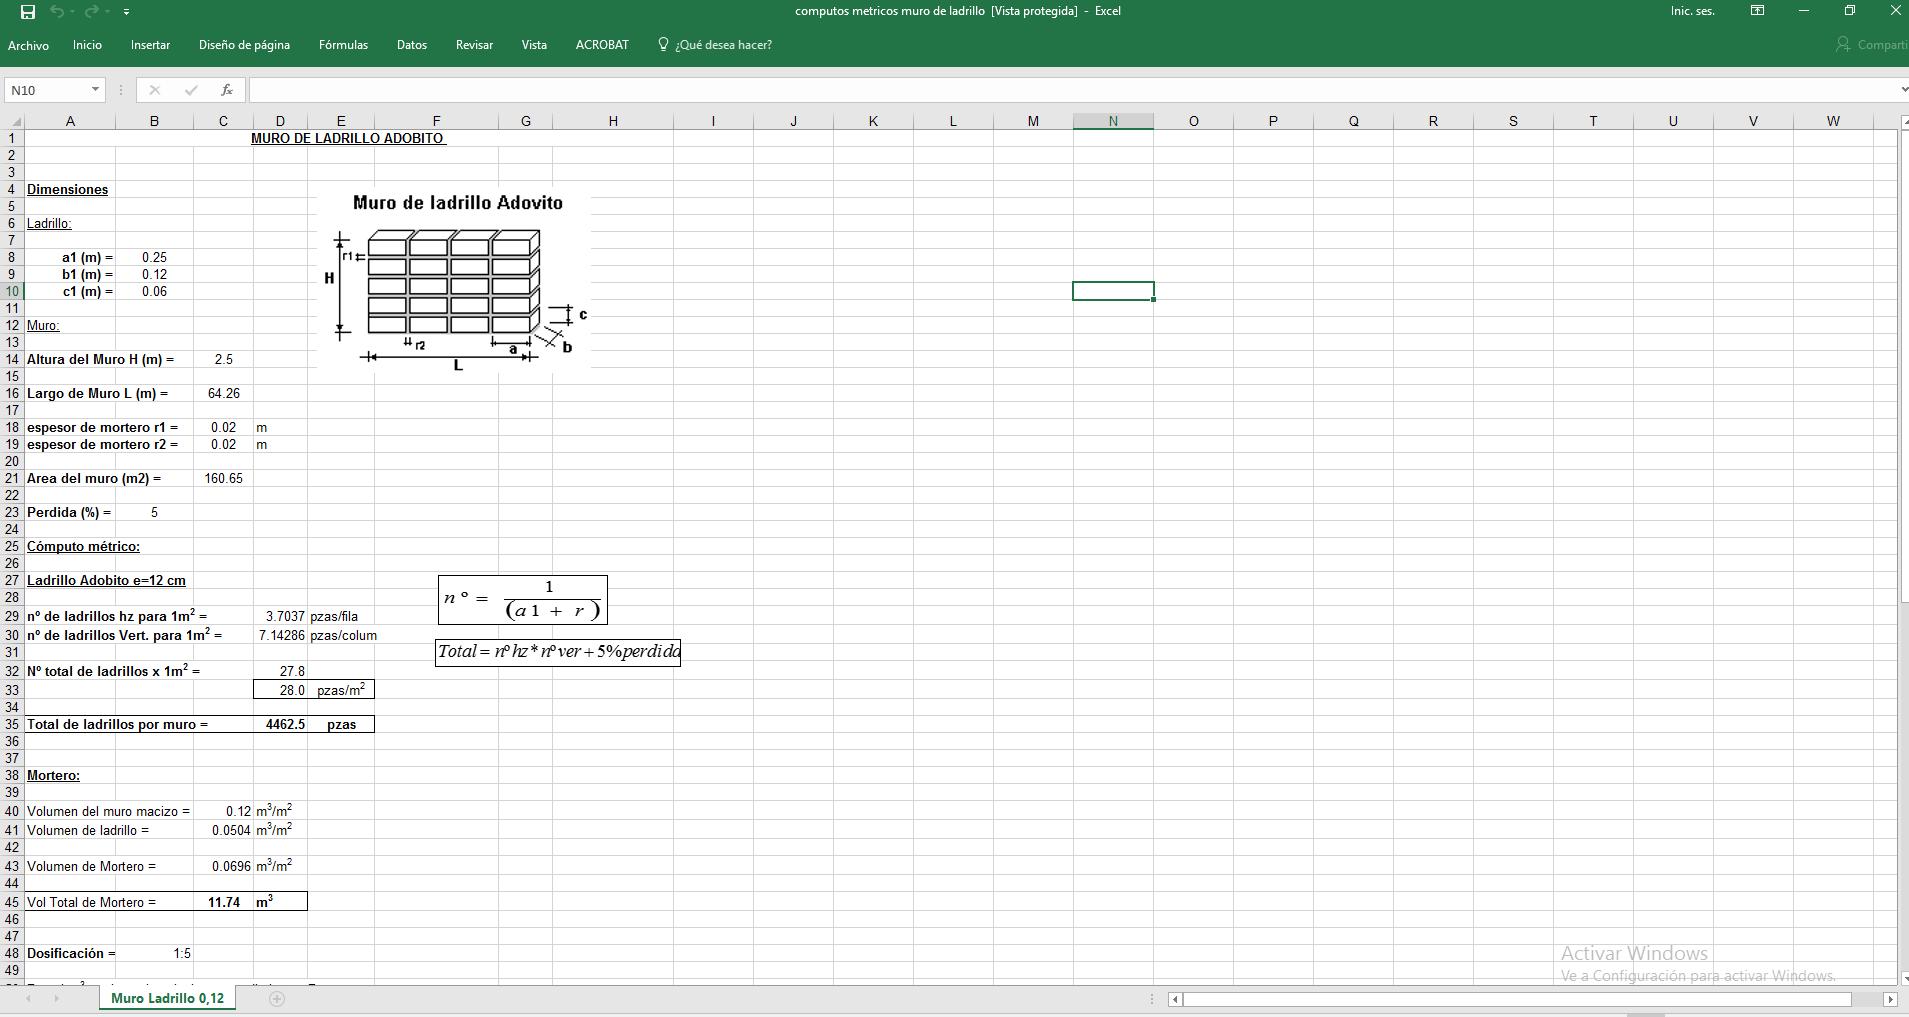 tabla excel para calcular cantidad de ladrillo en muro